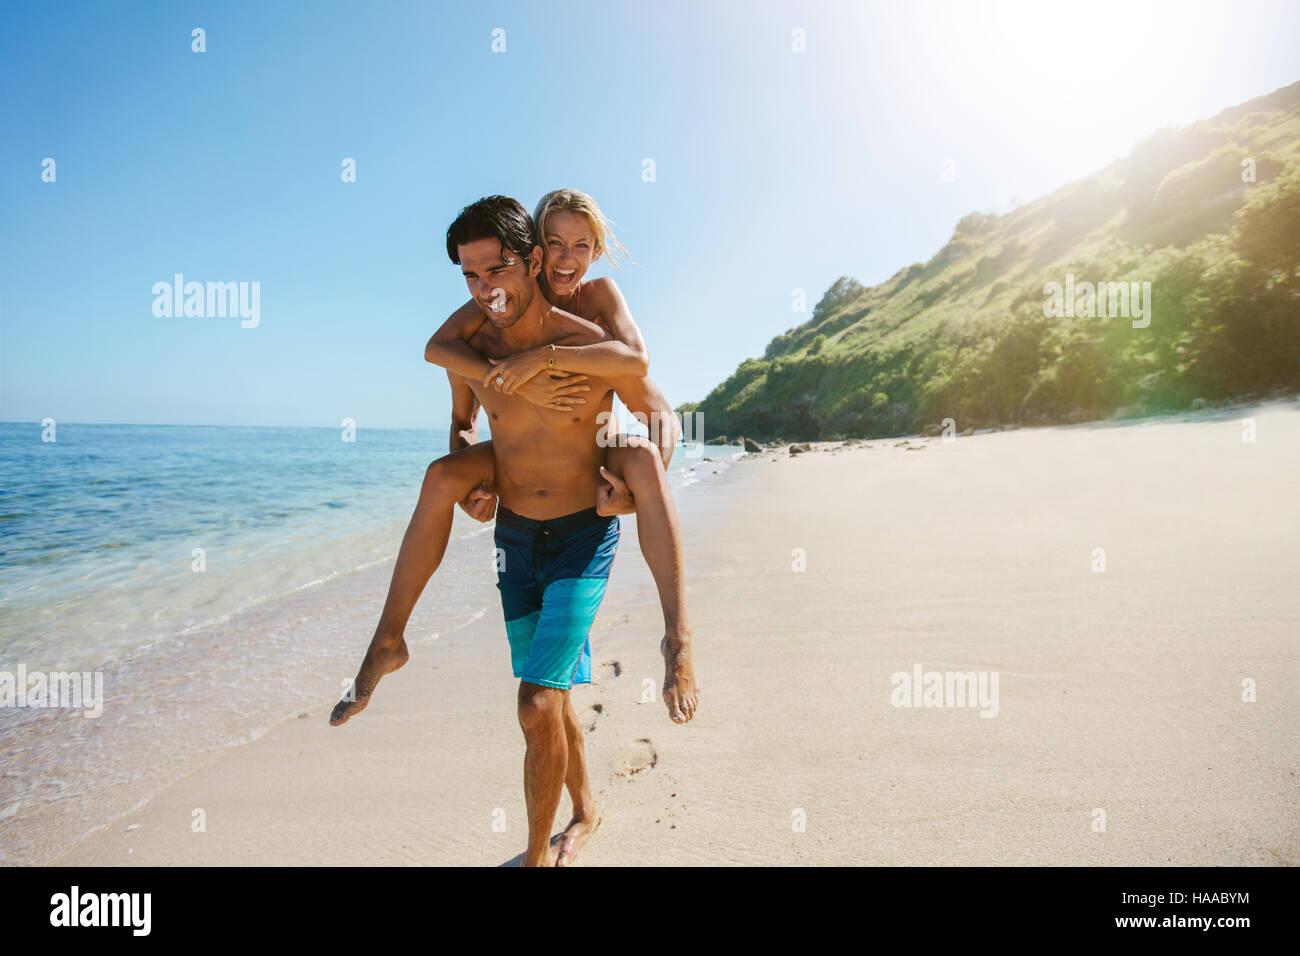 Portrait de l'homme exerçant son amie sur son dos le long du bord de mer. Man giving piggyback ride pour Photo Stock